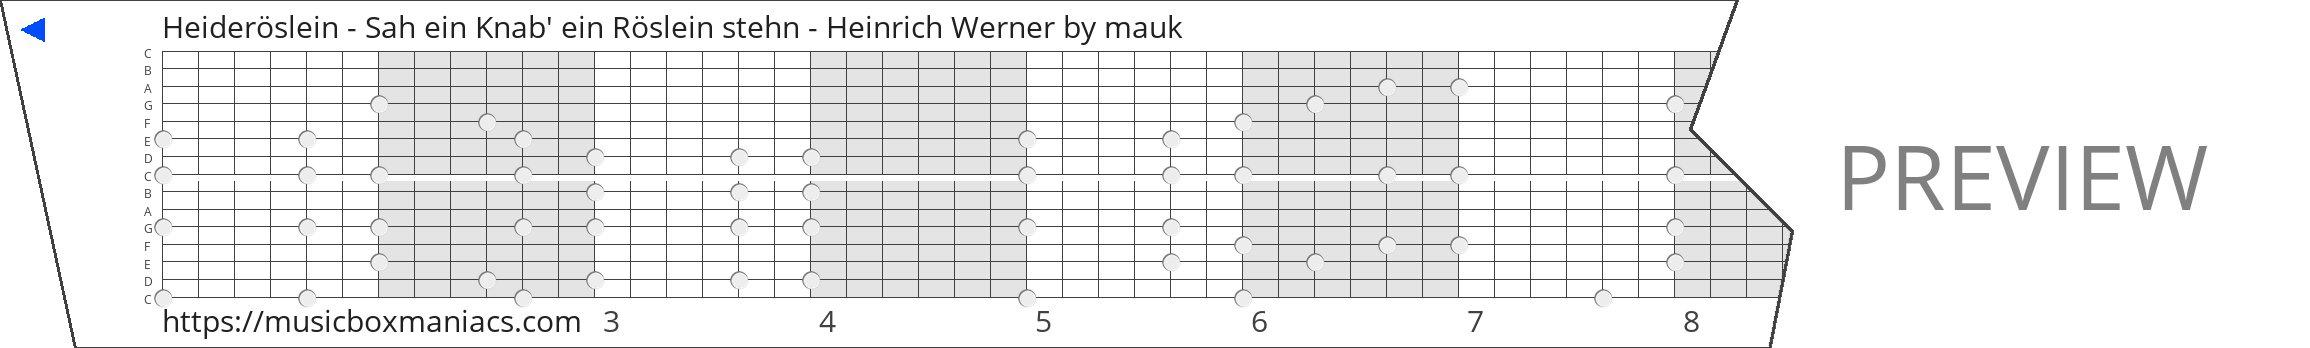 Heideröslein - Sah ein Knab' ein Röslein stehn - Heinrich Werner 15 note music box paper strip